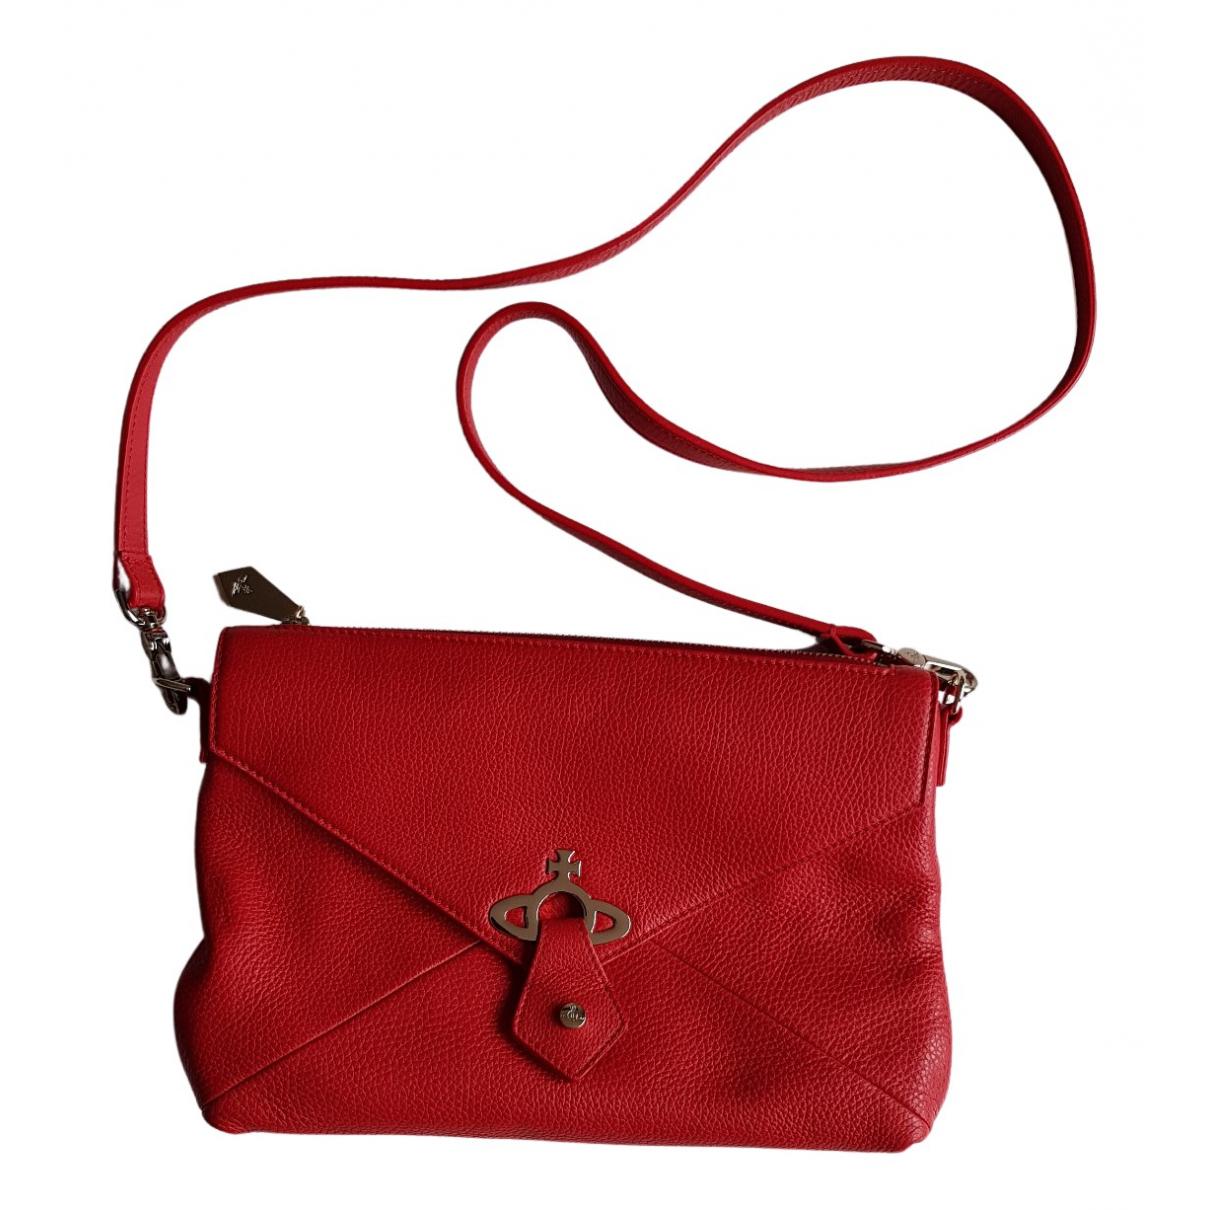 Vivienne Westwood N Red Leather handbag for Women N